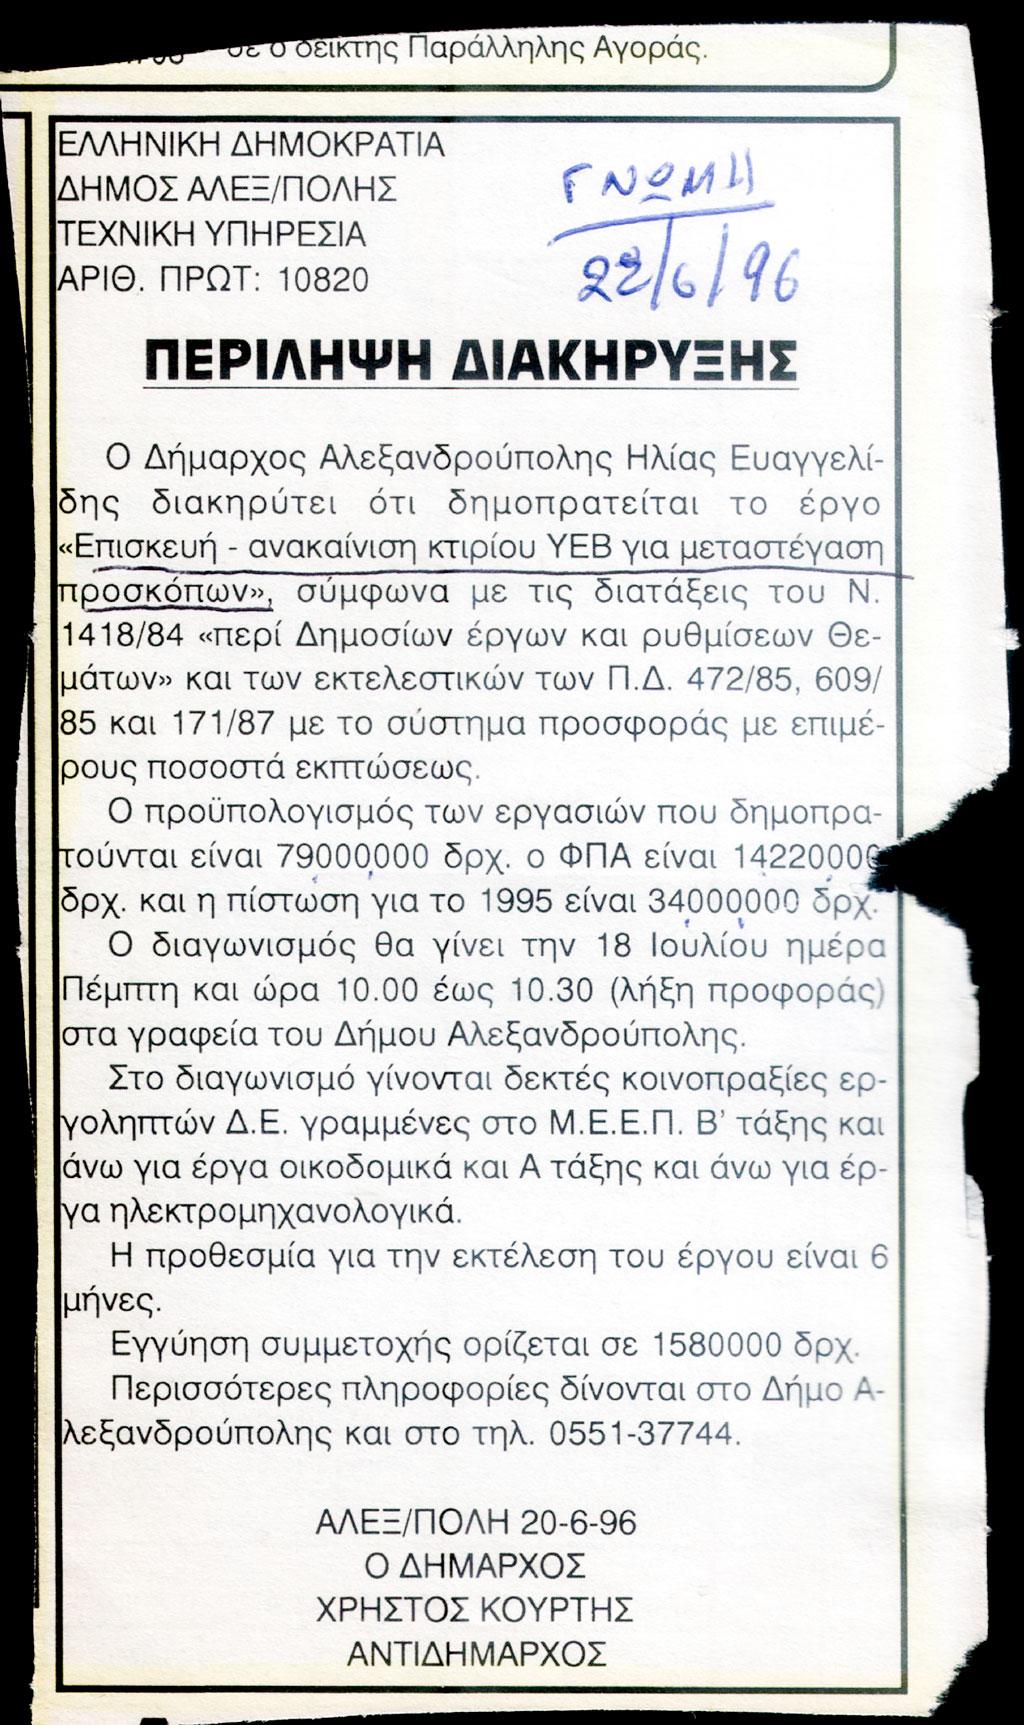 """Επισκευή/Αναπαλαίωση Κτιρίου ΥΕΒ για μεταστέγαση προσκόπων (Εφημερίδα """"Η Γνώμη"""", 22/06/1996)"""